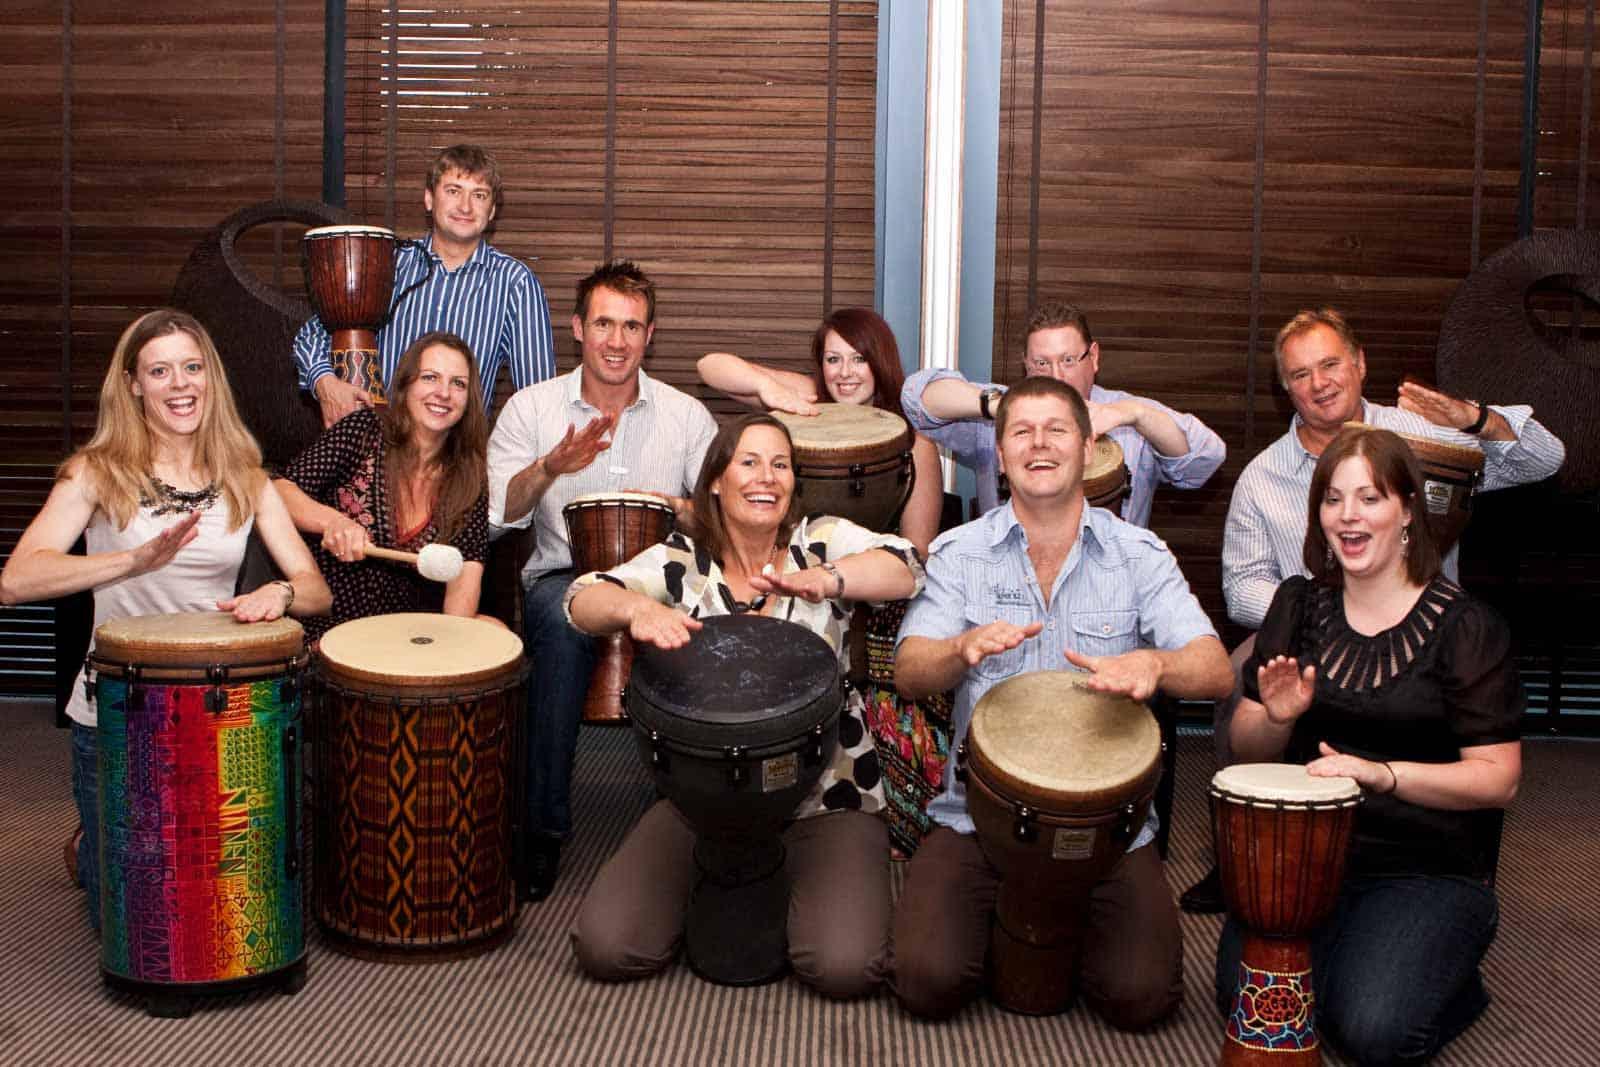 Team building drumming